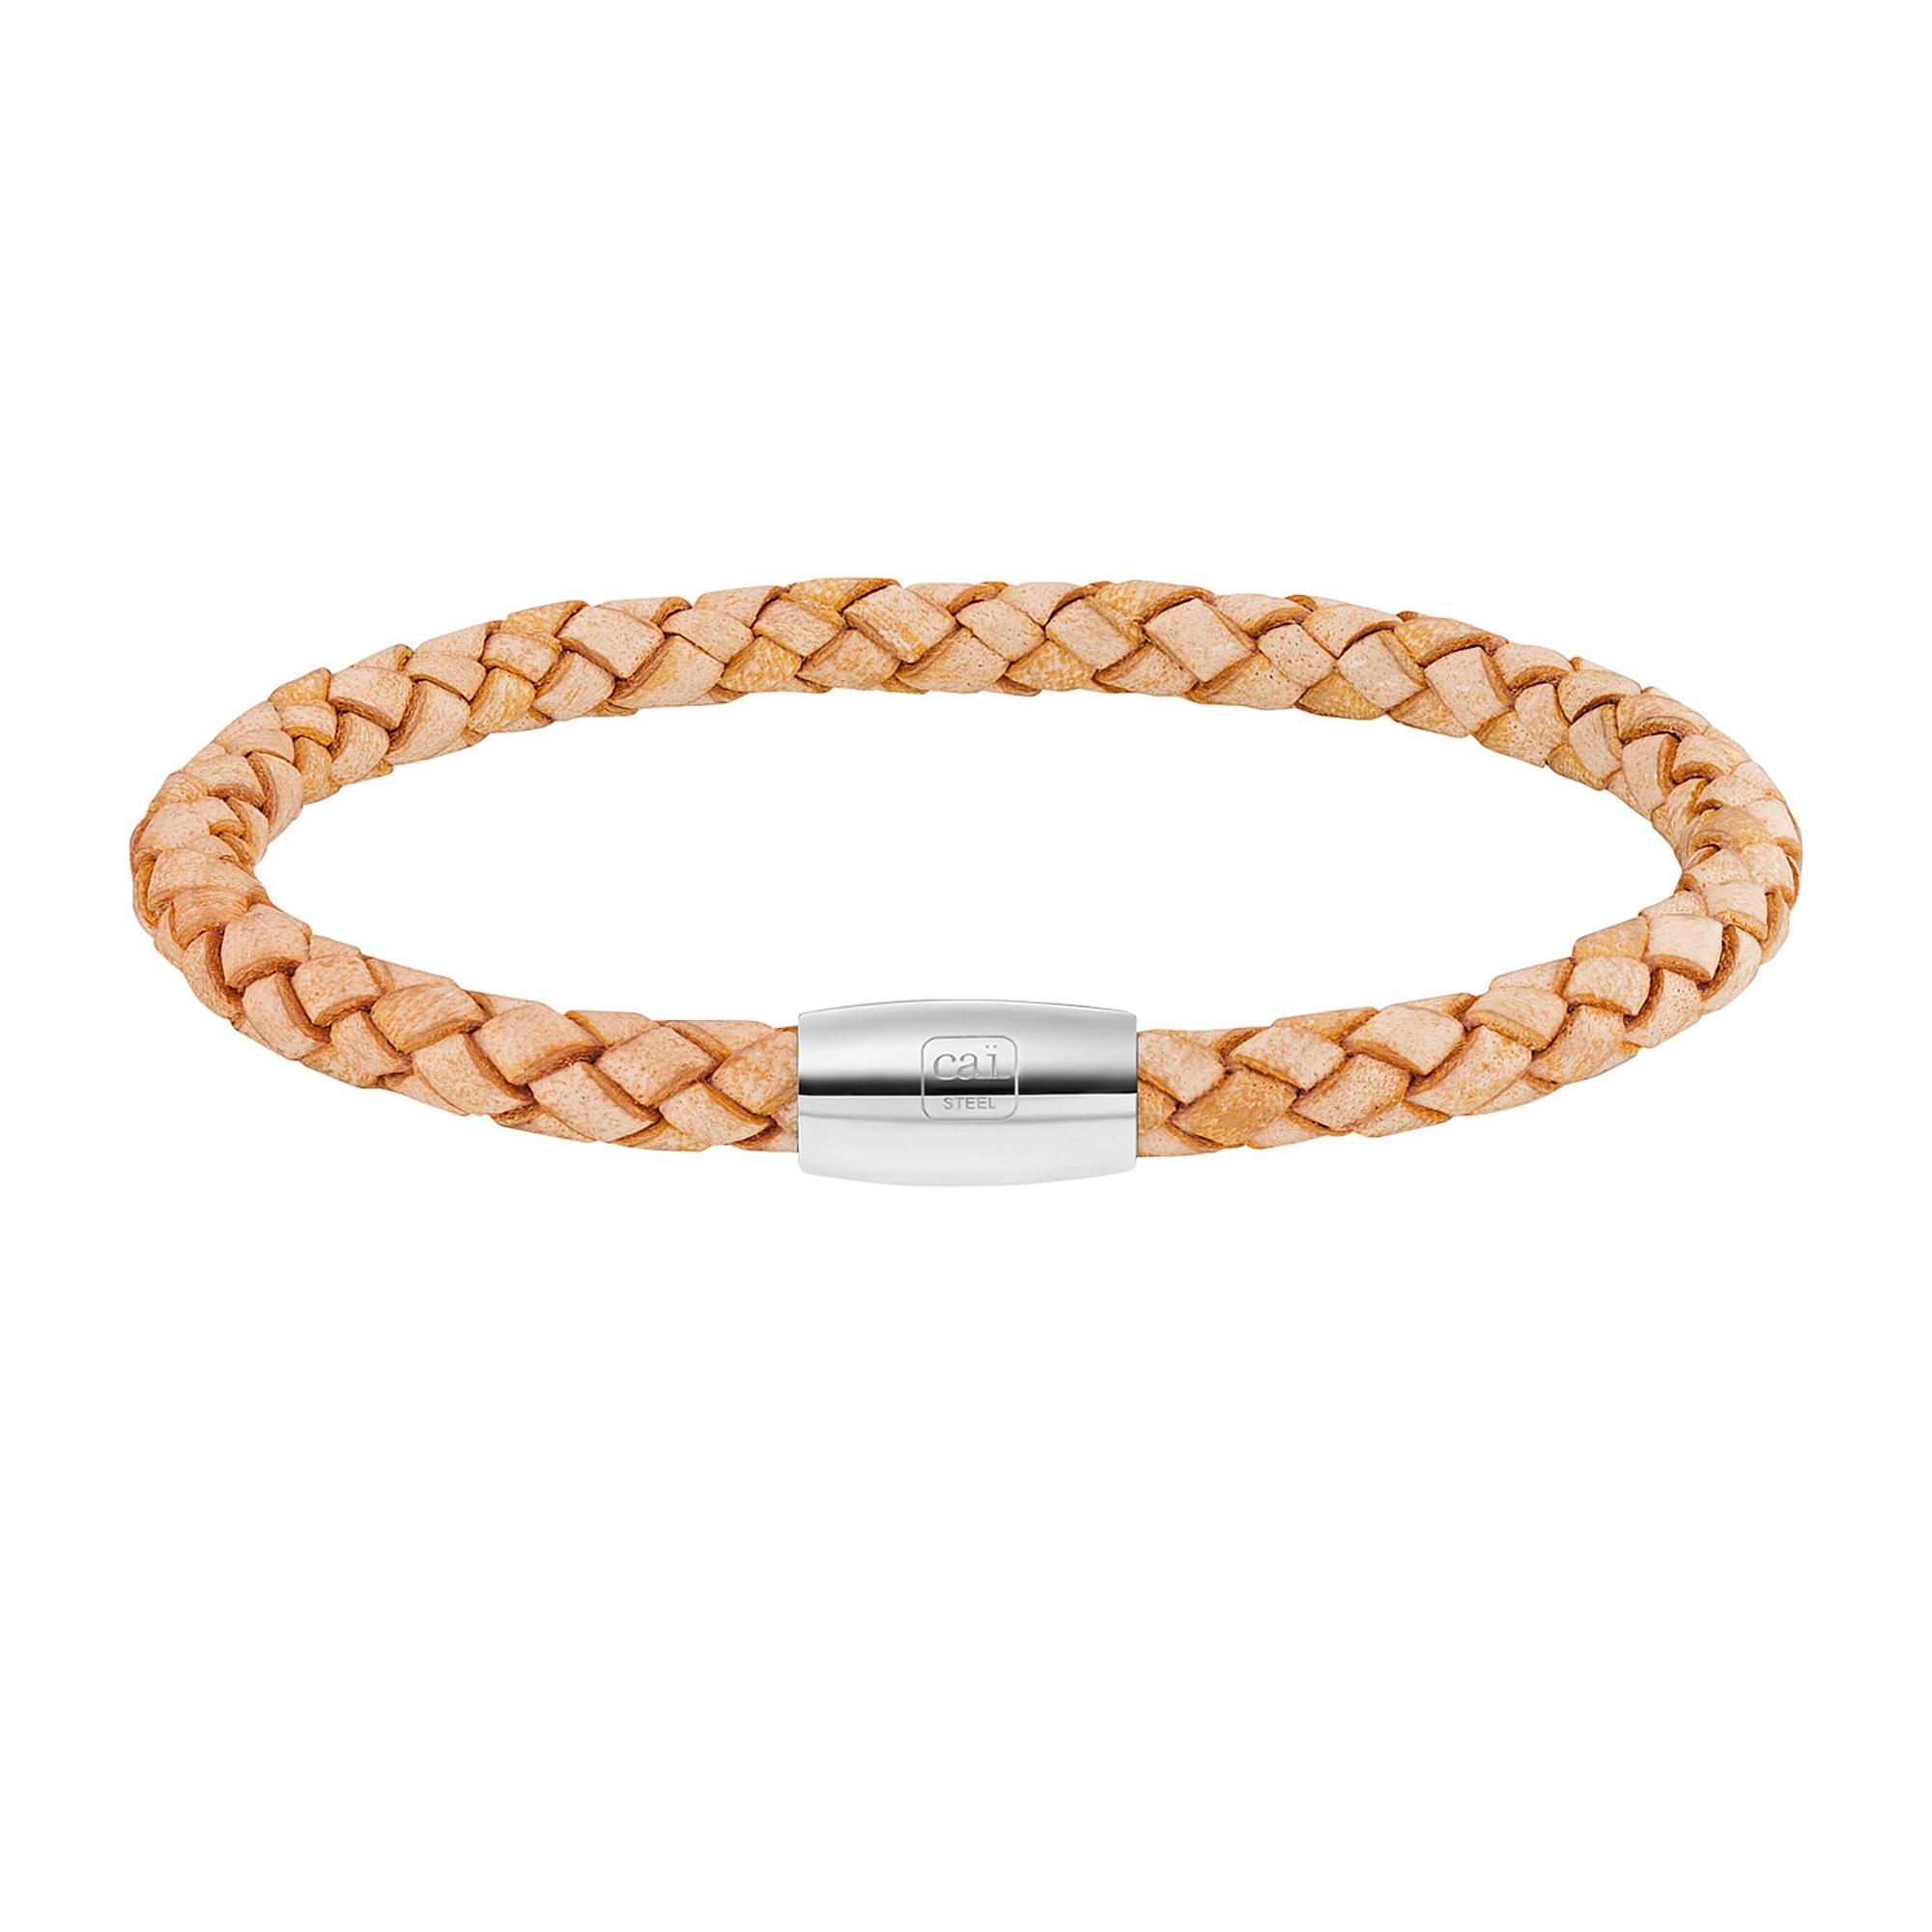 Cai Armband Edelstahl Leder natur 23cm | Schmuck > Armbänder | Braun | Leder | Cai